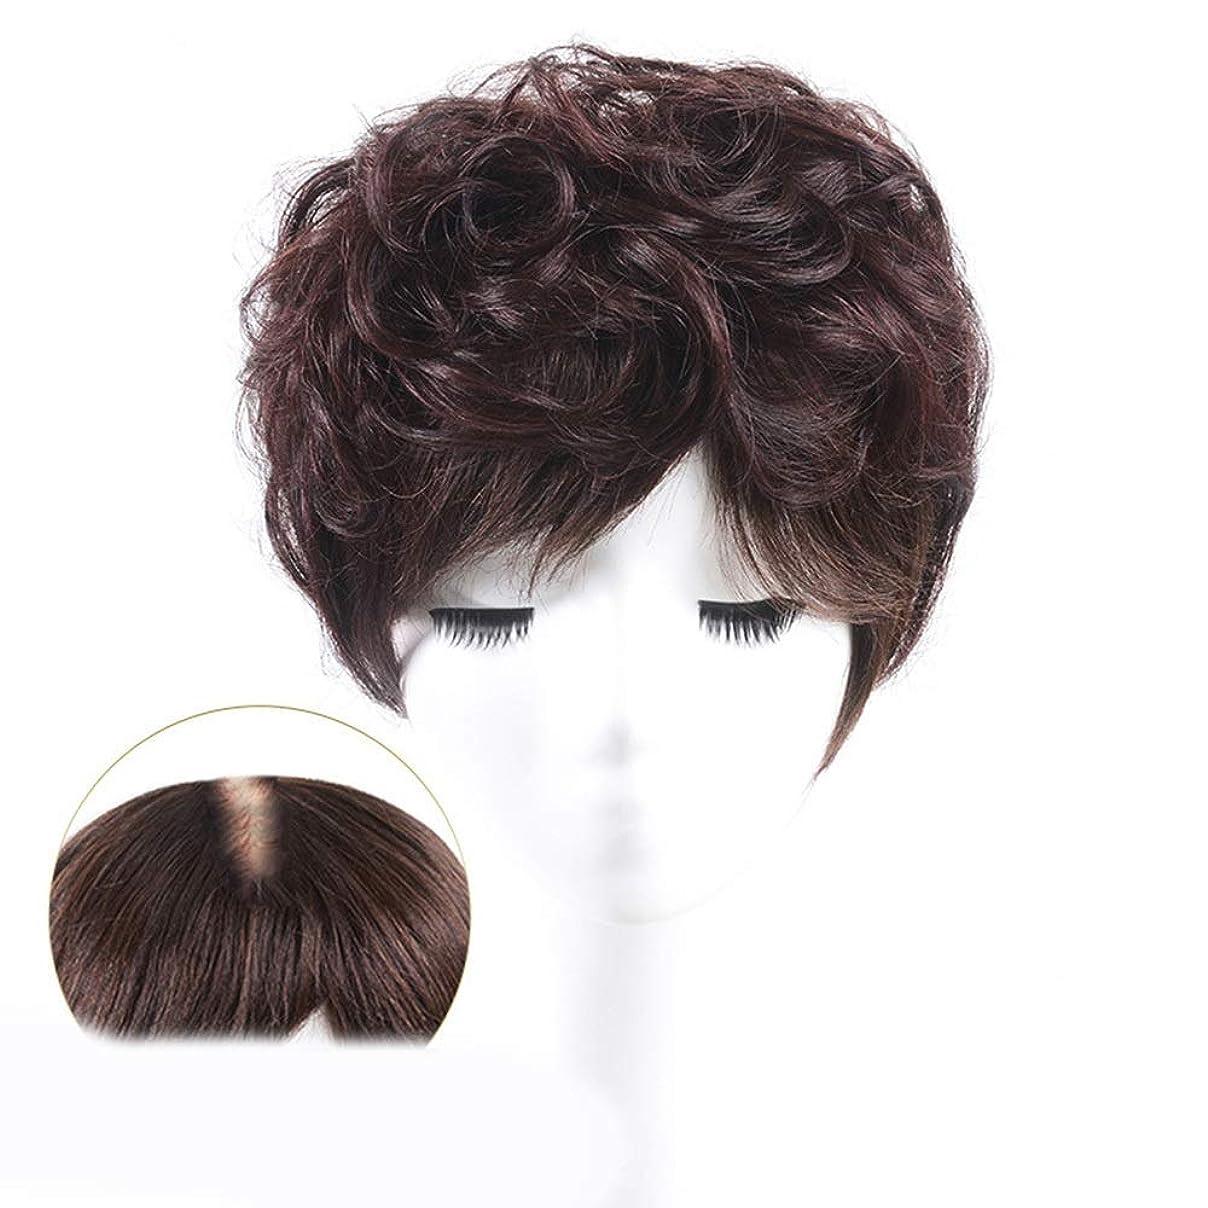 放映アクセル装備するBOBIDYEE 100%本物の髪天然ふわふわショートカーリーヘアエクステンションカバー白髪ウィッグパーティーかつら (色 : Natural black, サイズ : 25cm)